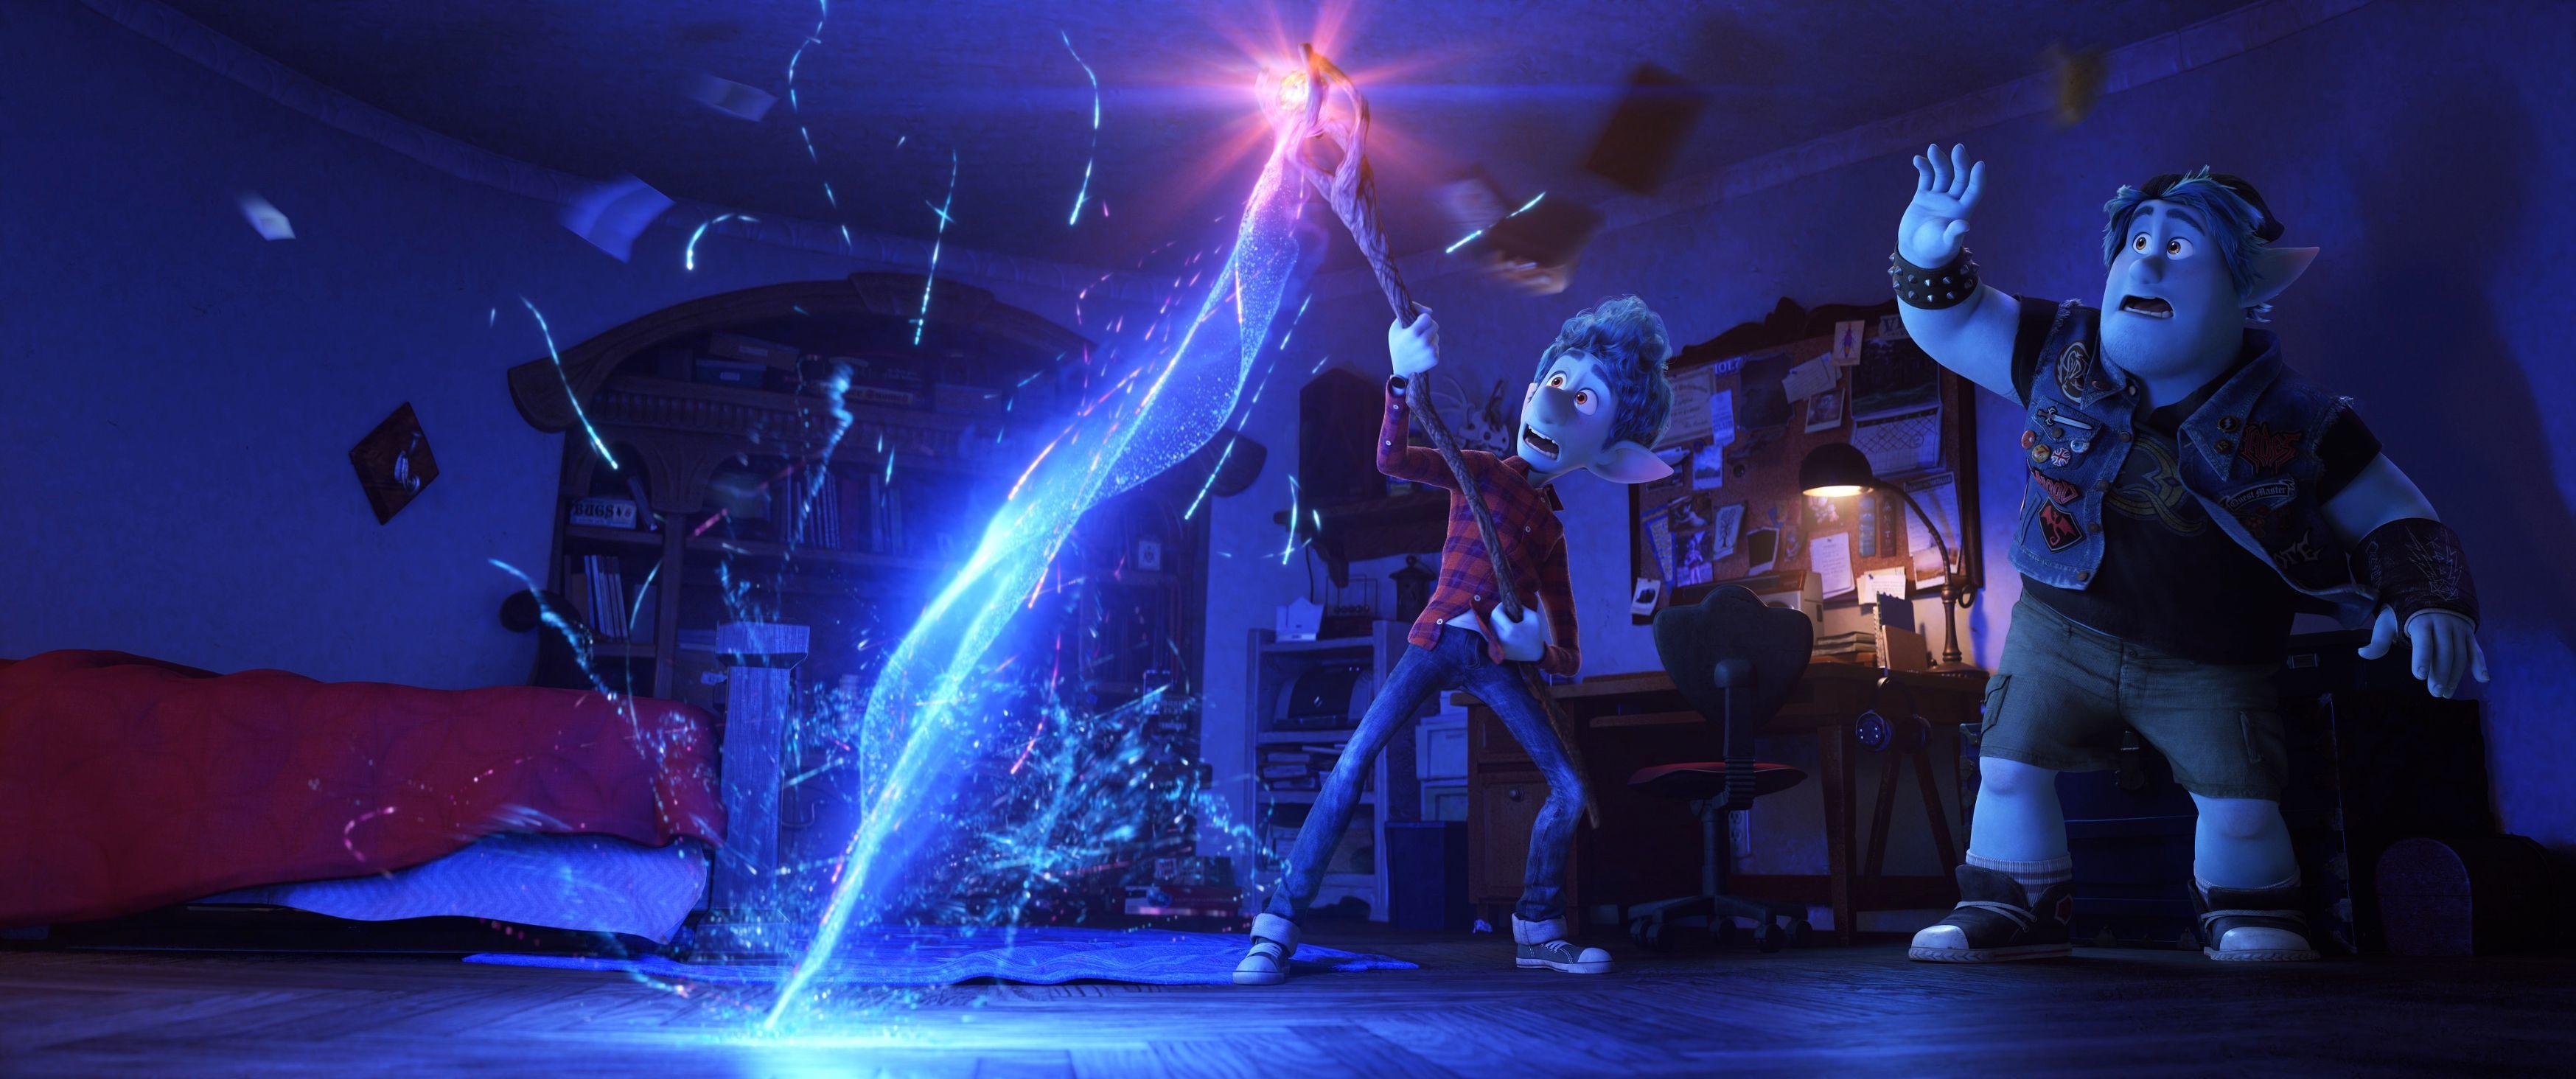 『2分の1の魔法』 (C)2019 Disney/Pixar. All Rights Reserved.